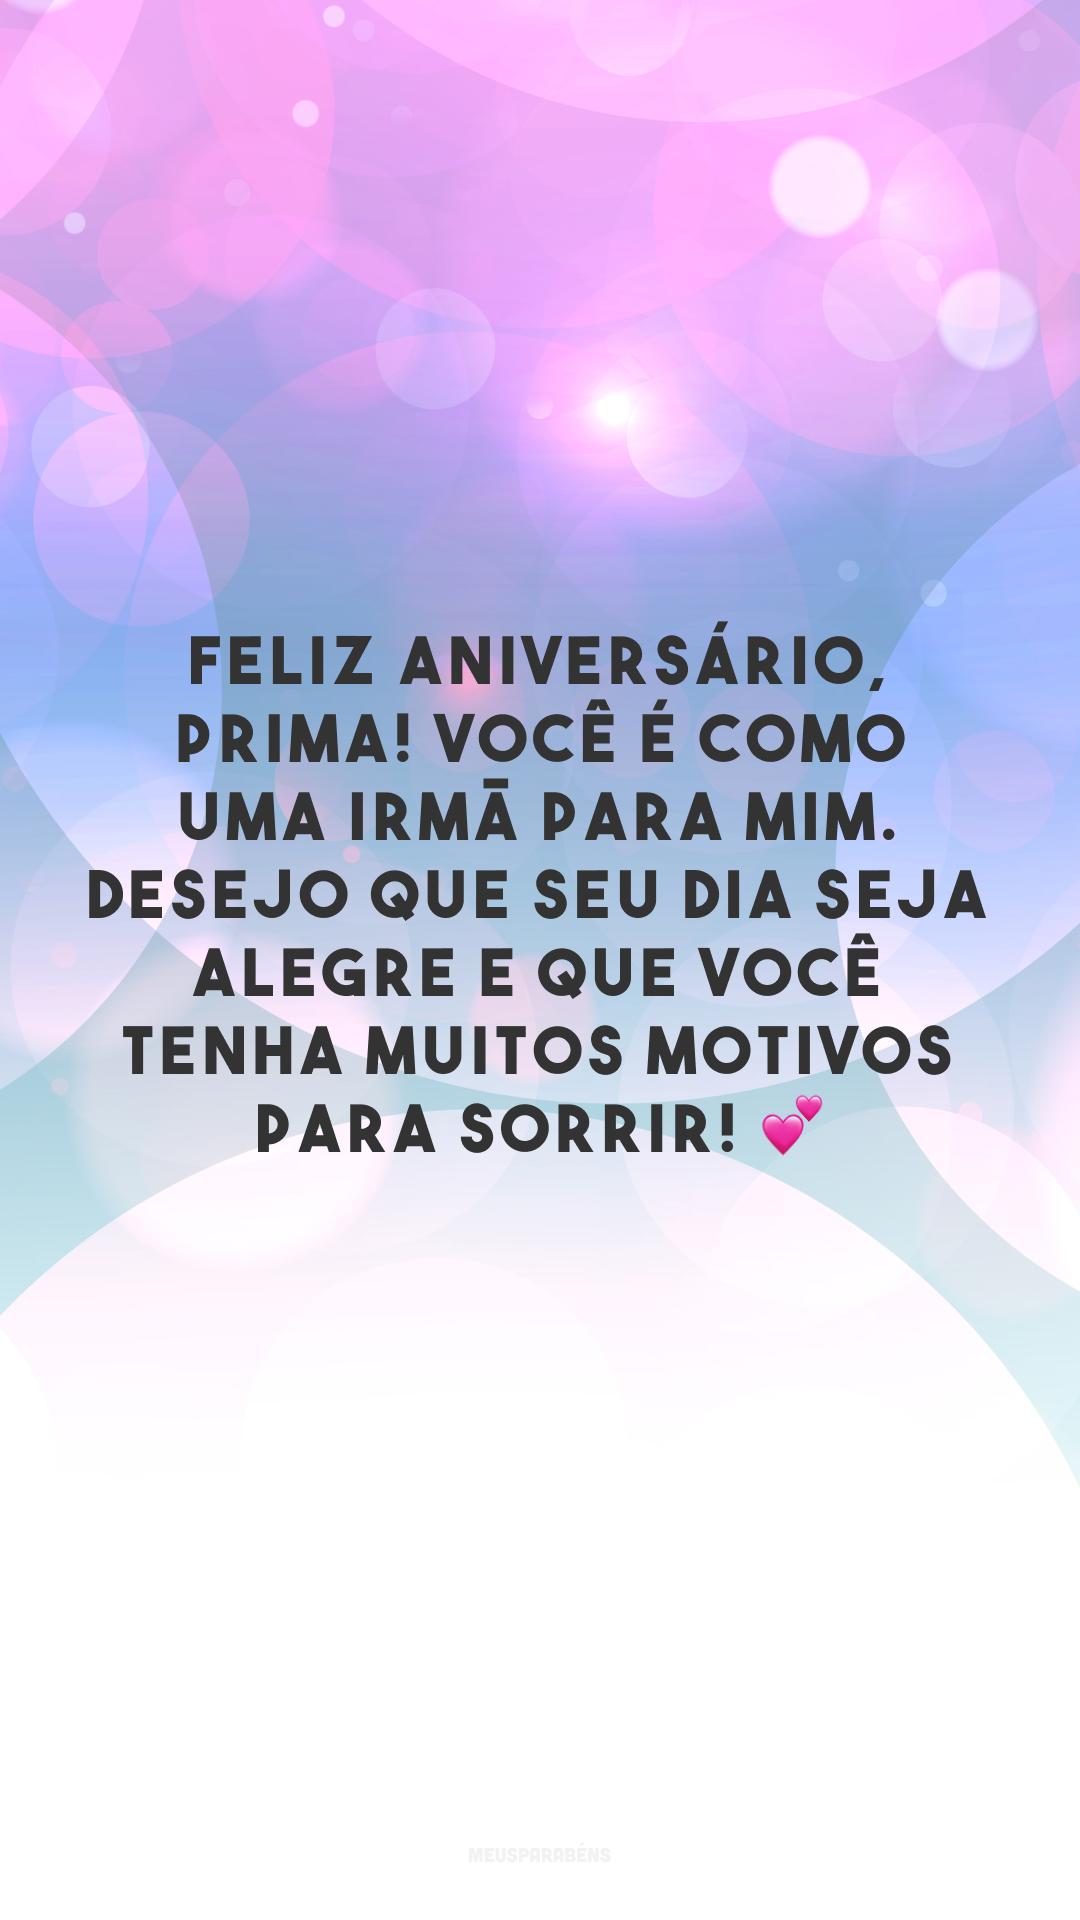 Feliz aniversário, prima! Você é como uma irmã para mim. Desejo que seu dia seja alegre e que você tenha muitos motivos para sorrir! 💕